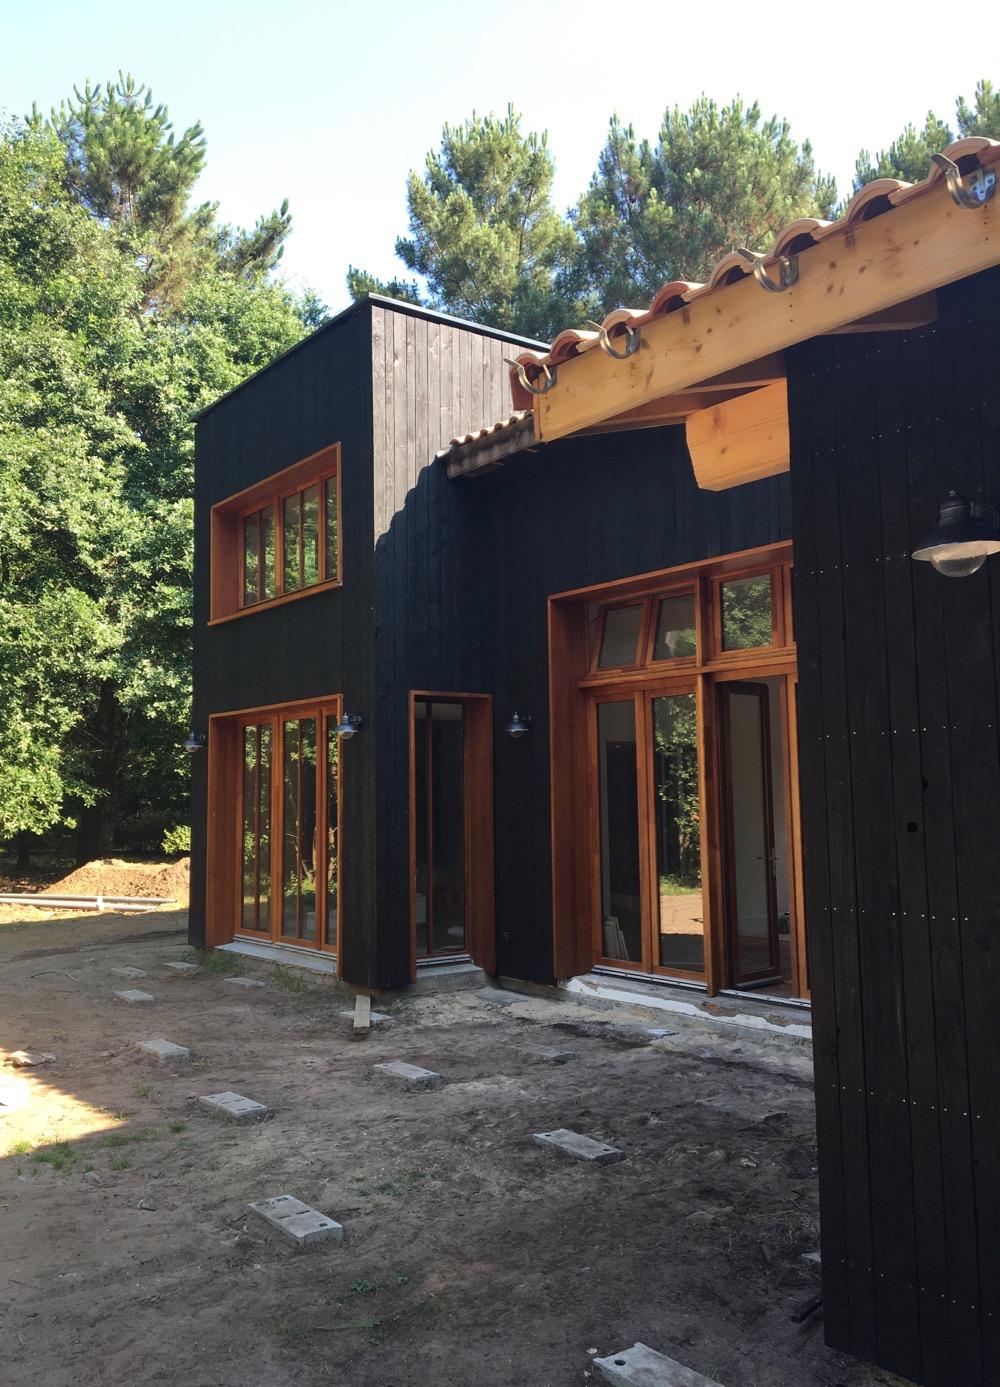 bardage bois brûlé - boisnoir - shou sugi ban FRANCE